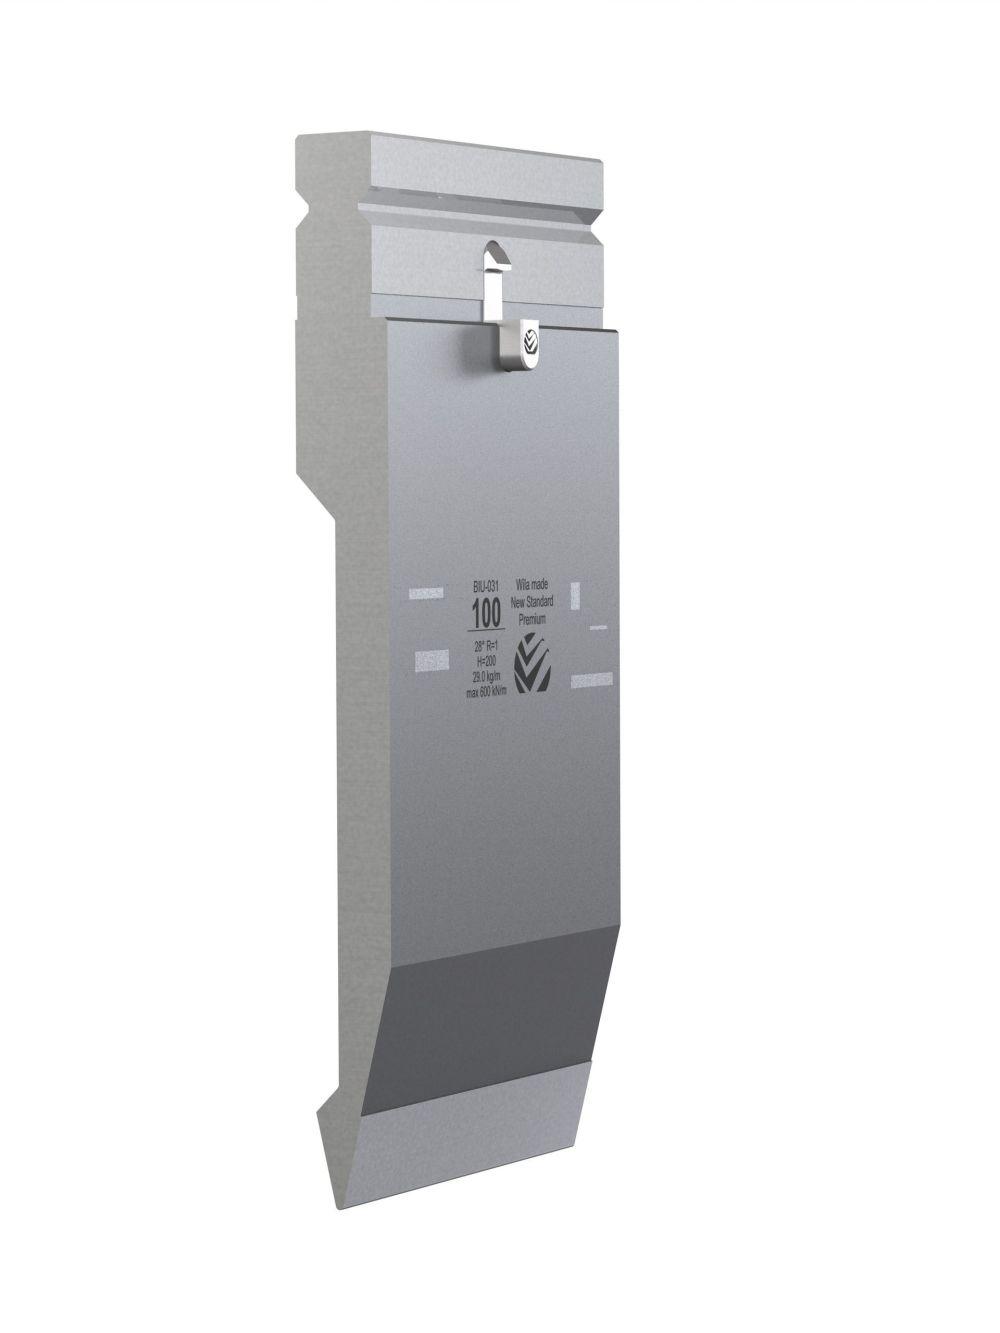 WILA BIU-031/1 New Standard Premium Top Tool H=200mm, a=28°, R=1mm, max.load: 60ton/m 515mm OPEN BOX, NEW